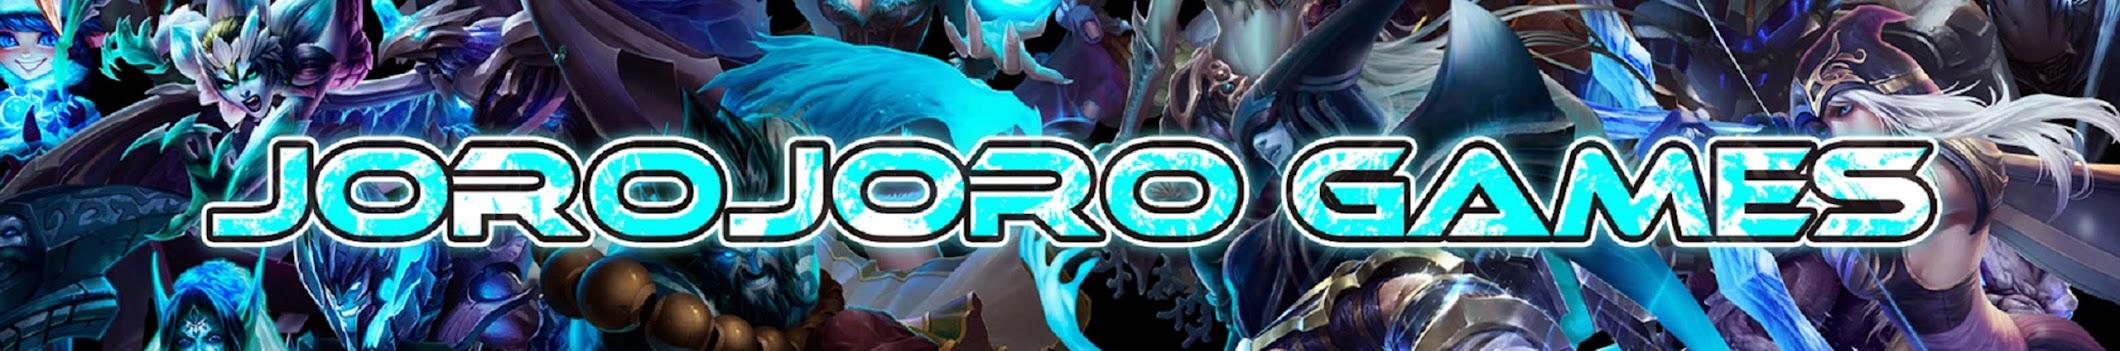 JoroJoro Games